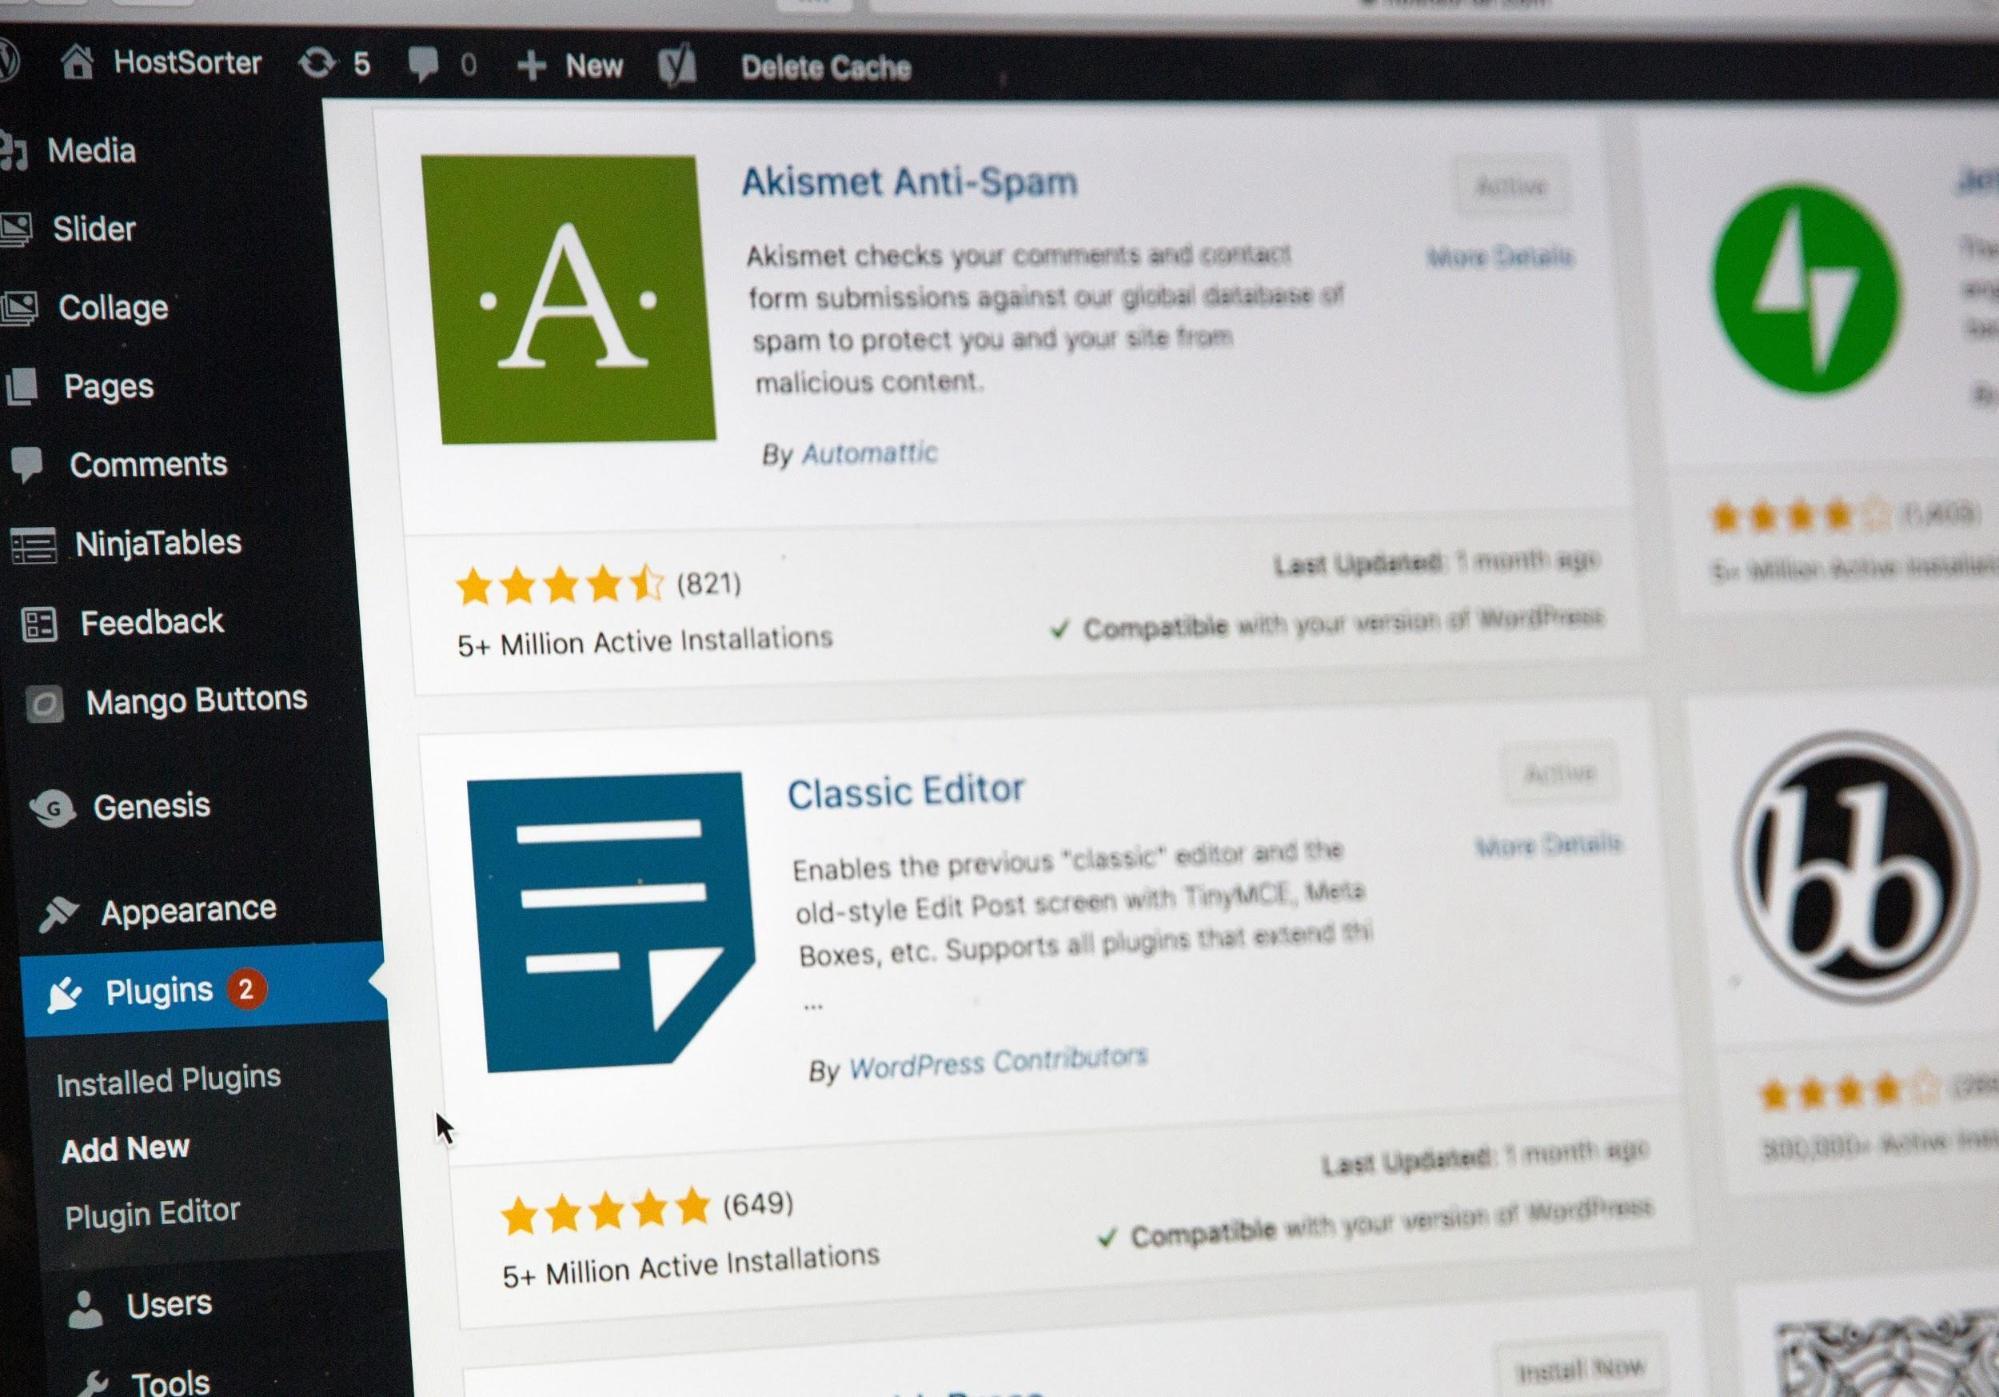 Ini 6 CMS Flat File Terbaik Alternatif Wordpress Yang Lambat Ketika Traffic Website Padat